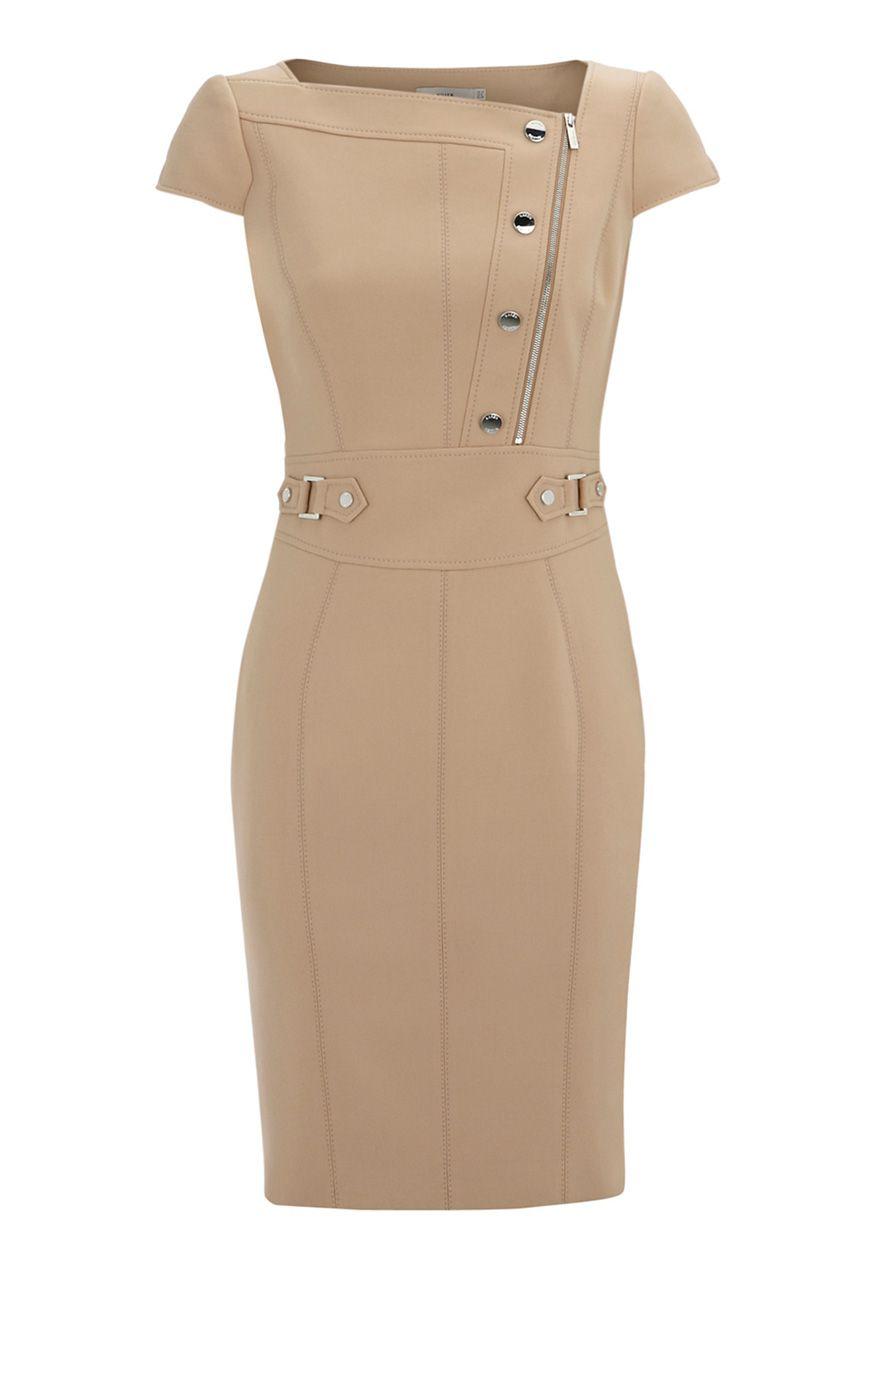 Karen Millen Solid Color Dresses Camel Outlet [karemillen 391] - £89.99 : Karen millen Dresses